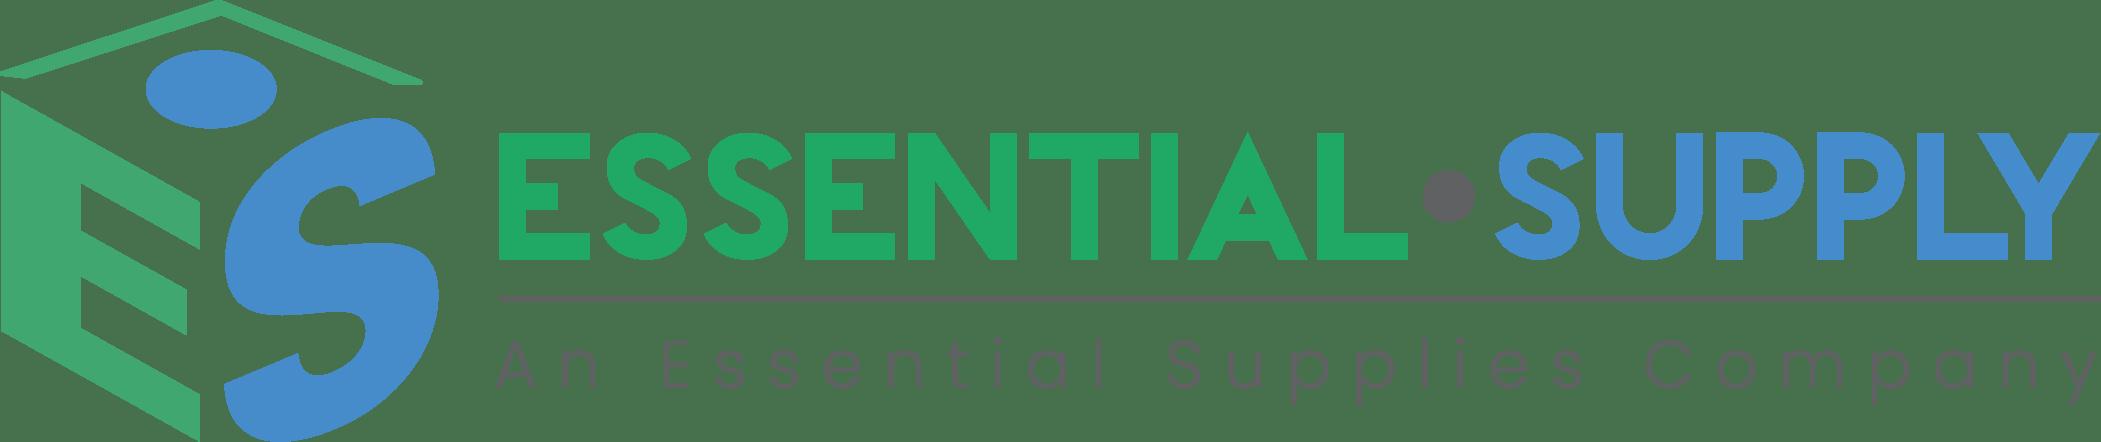 Essentialsupp Logo